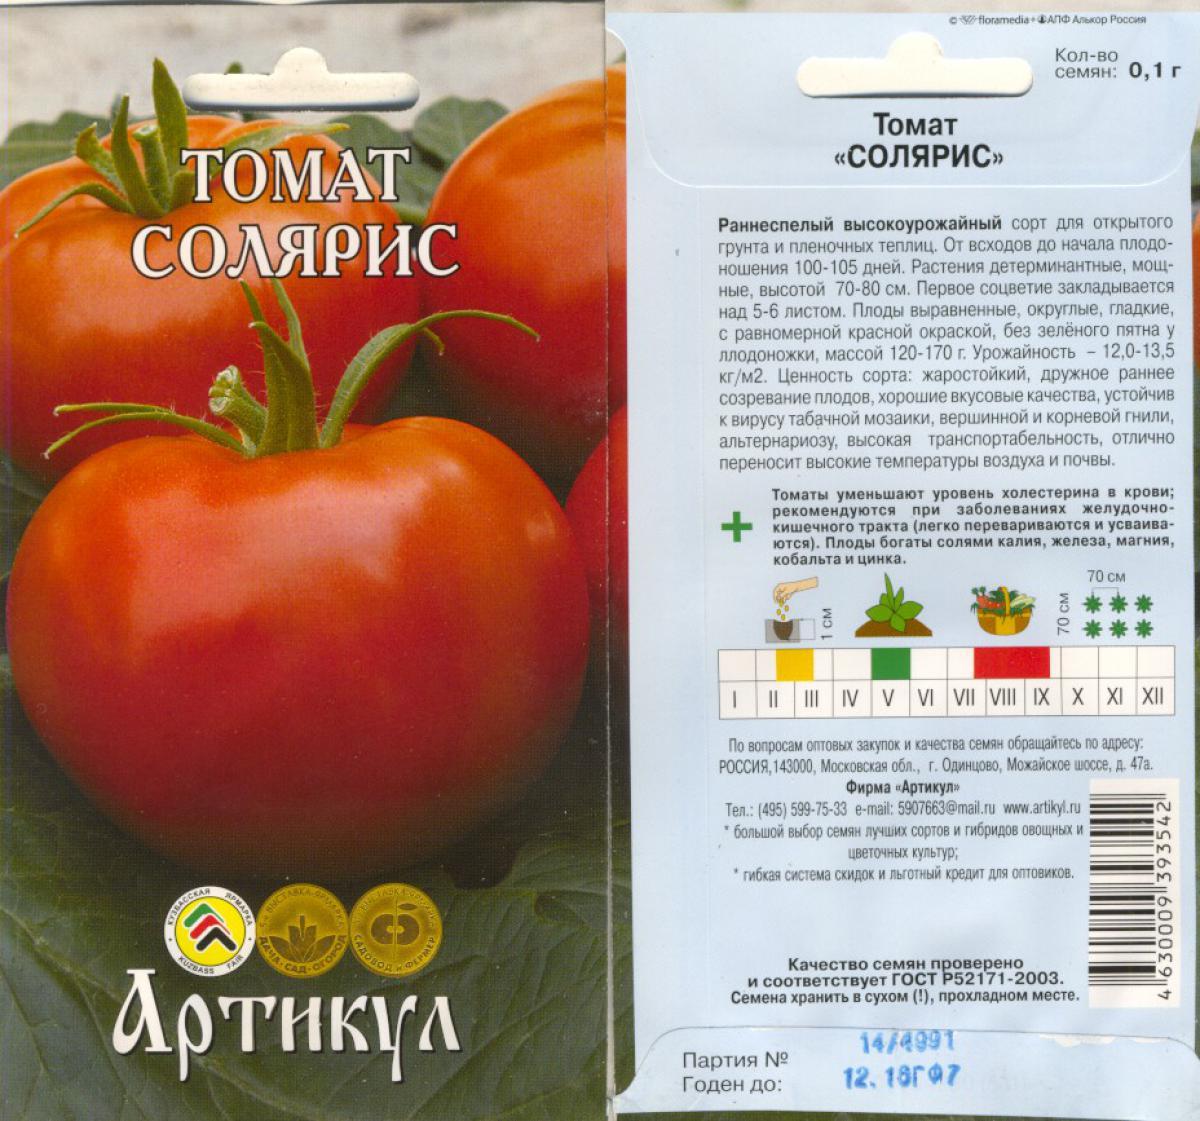 Томат тлаколула де матаморос описание разновидности сорта урожайность с фото